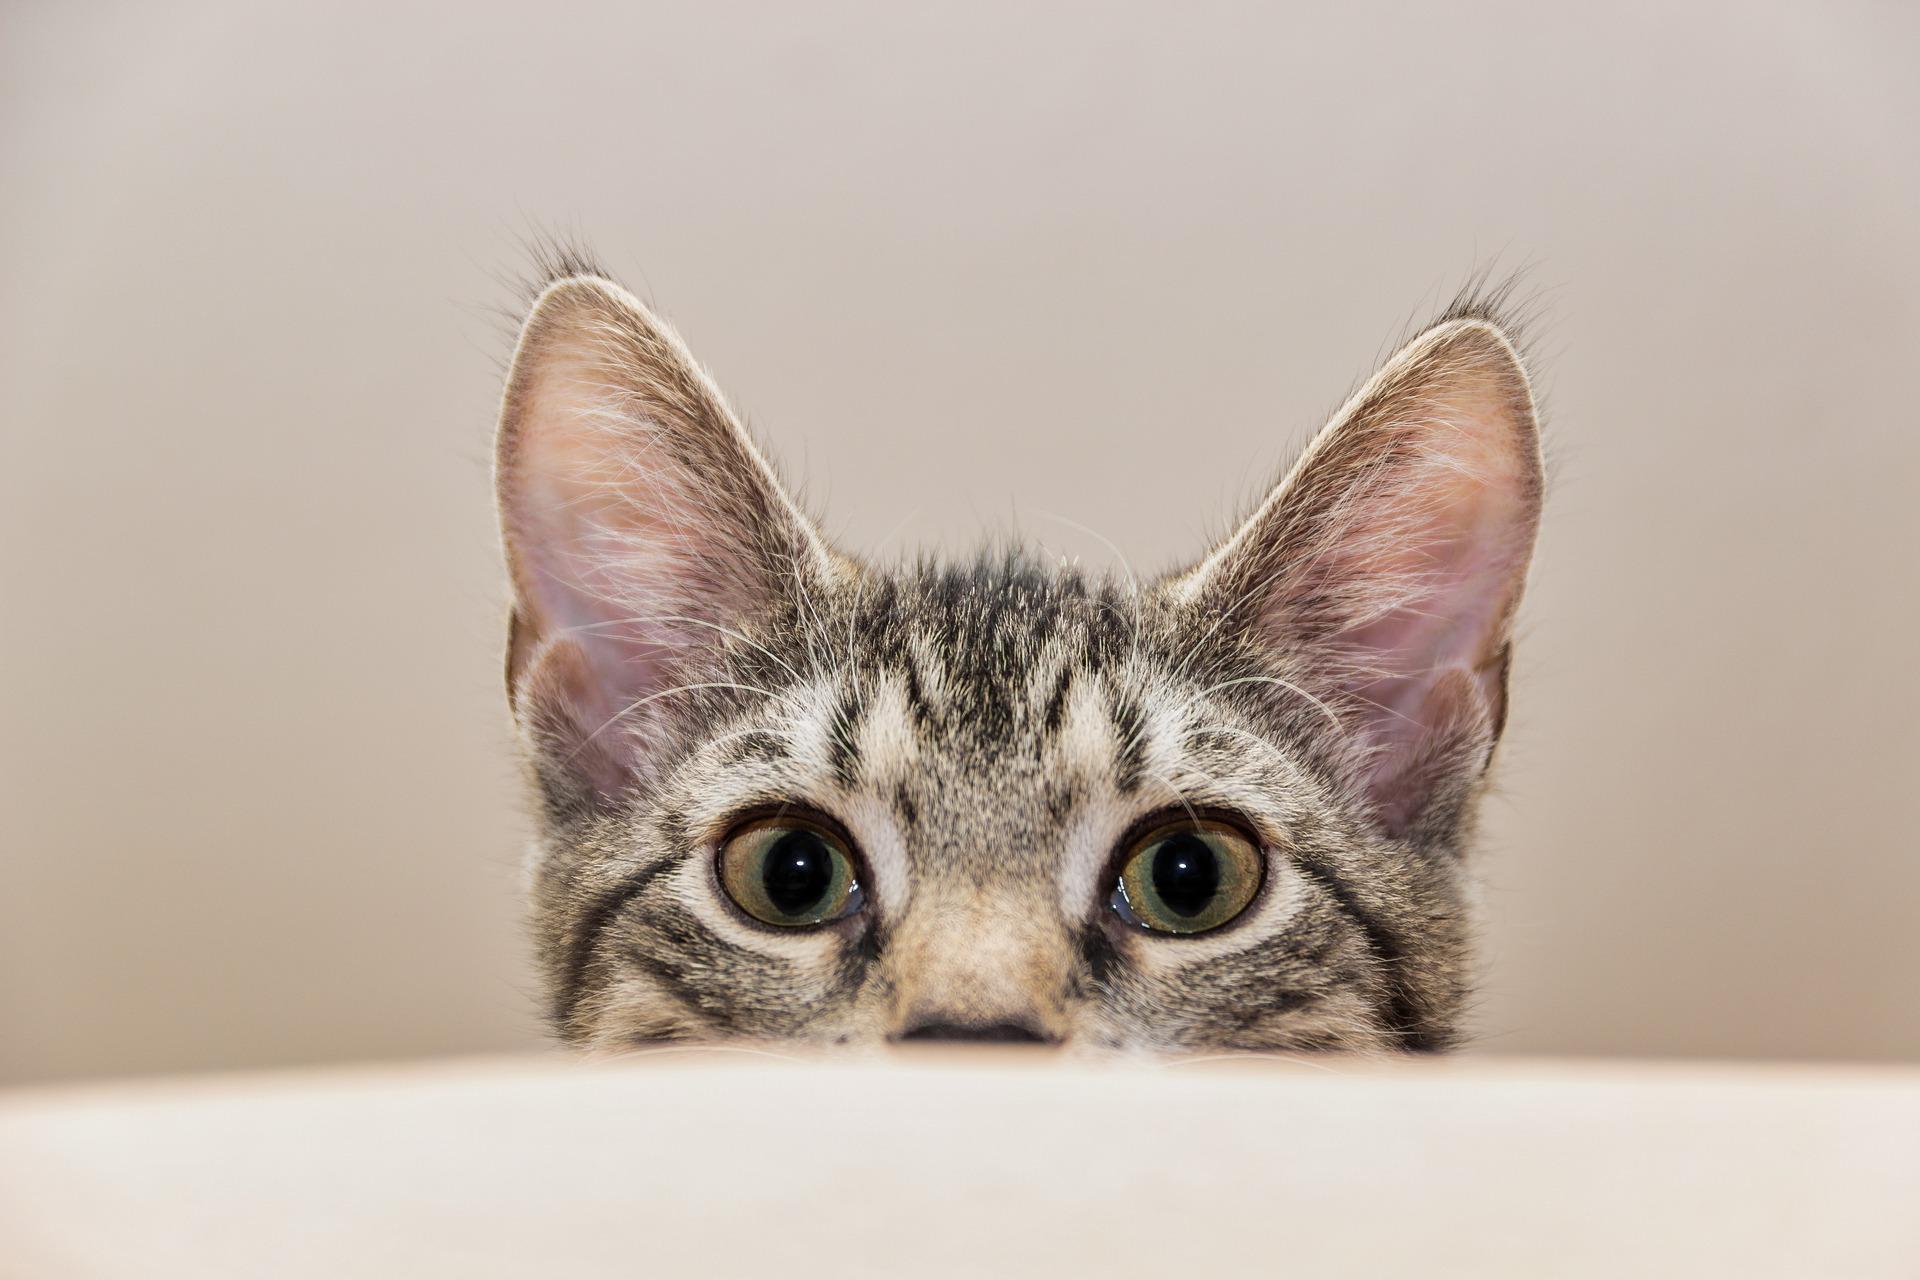 Zapalenia pęcherzy u kotów występuje coraz częściej, obok nowotworów i otyłości uważne jest już jako schorzenie cywilizacyjne, a wpływ na to mają zła dieta kotów i zbyt mała dawka ruchu.